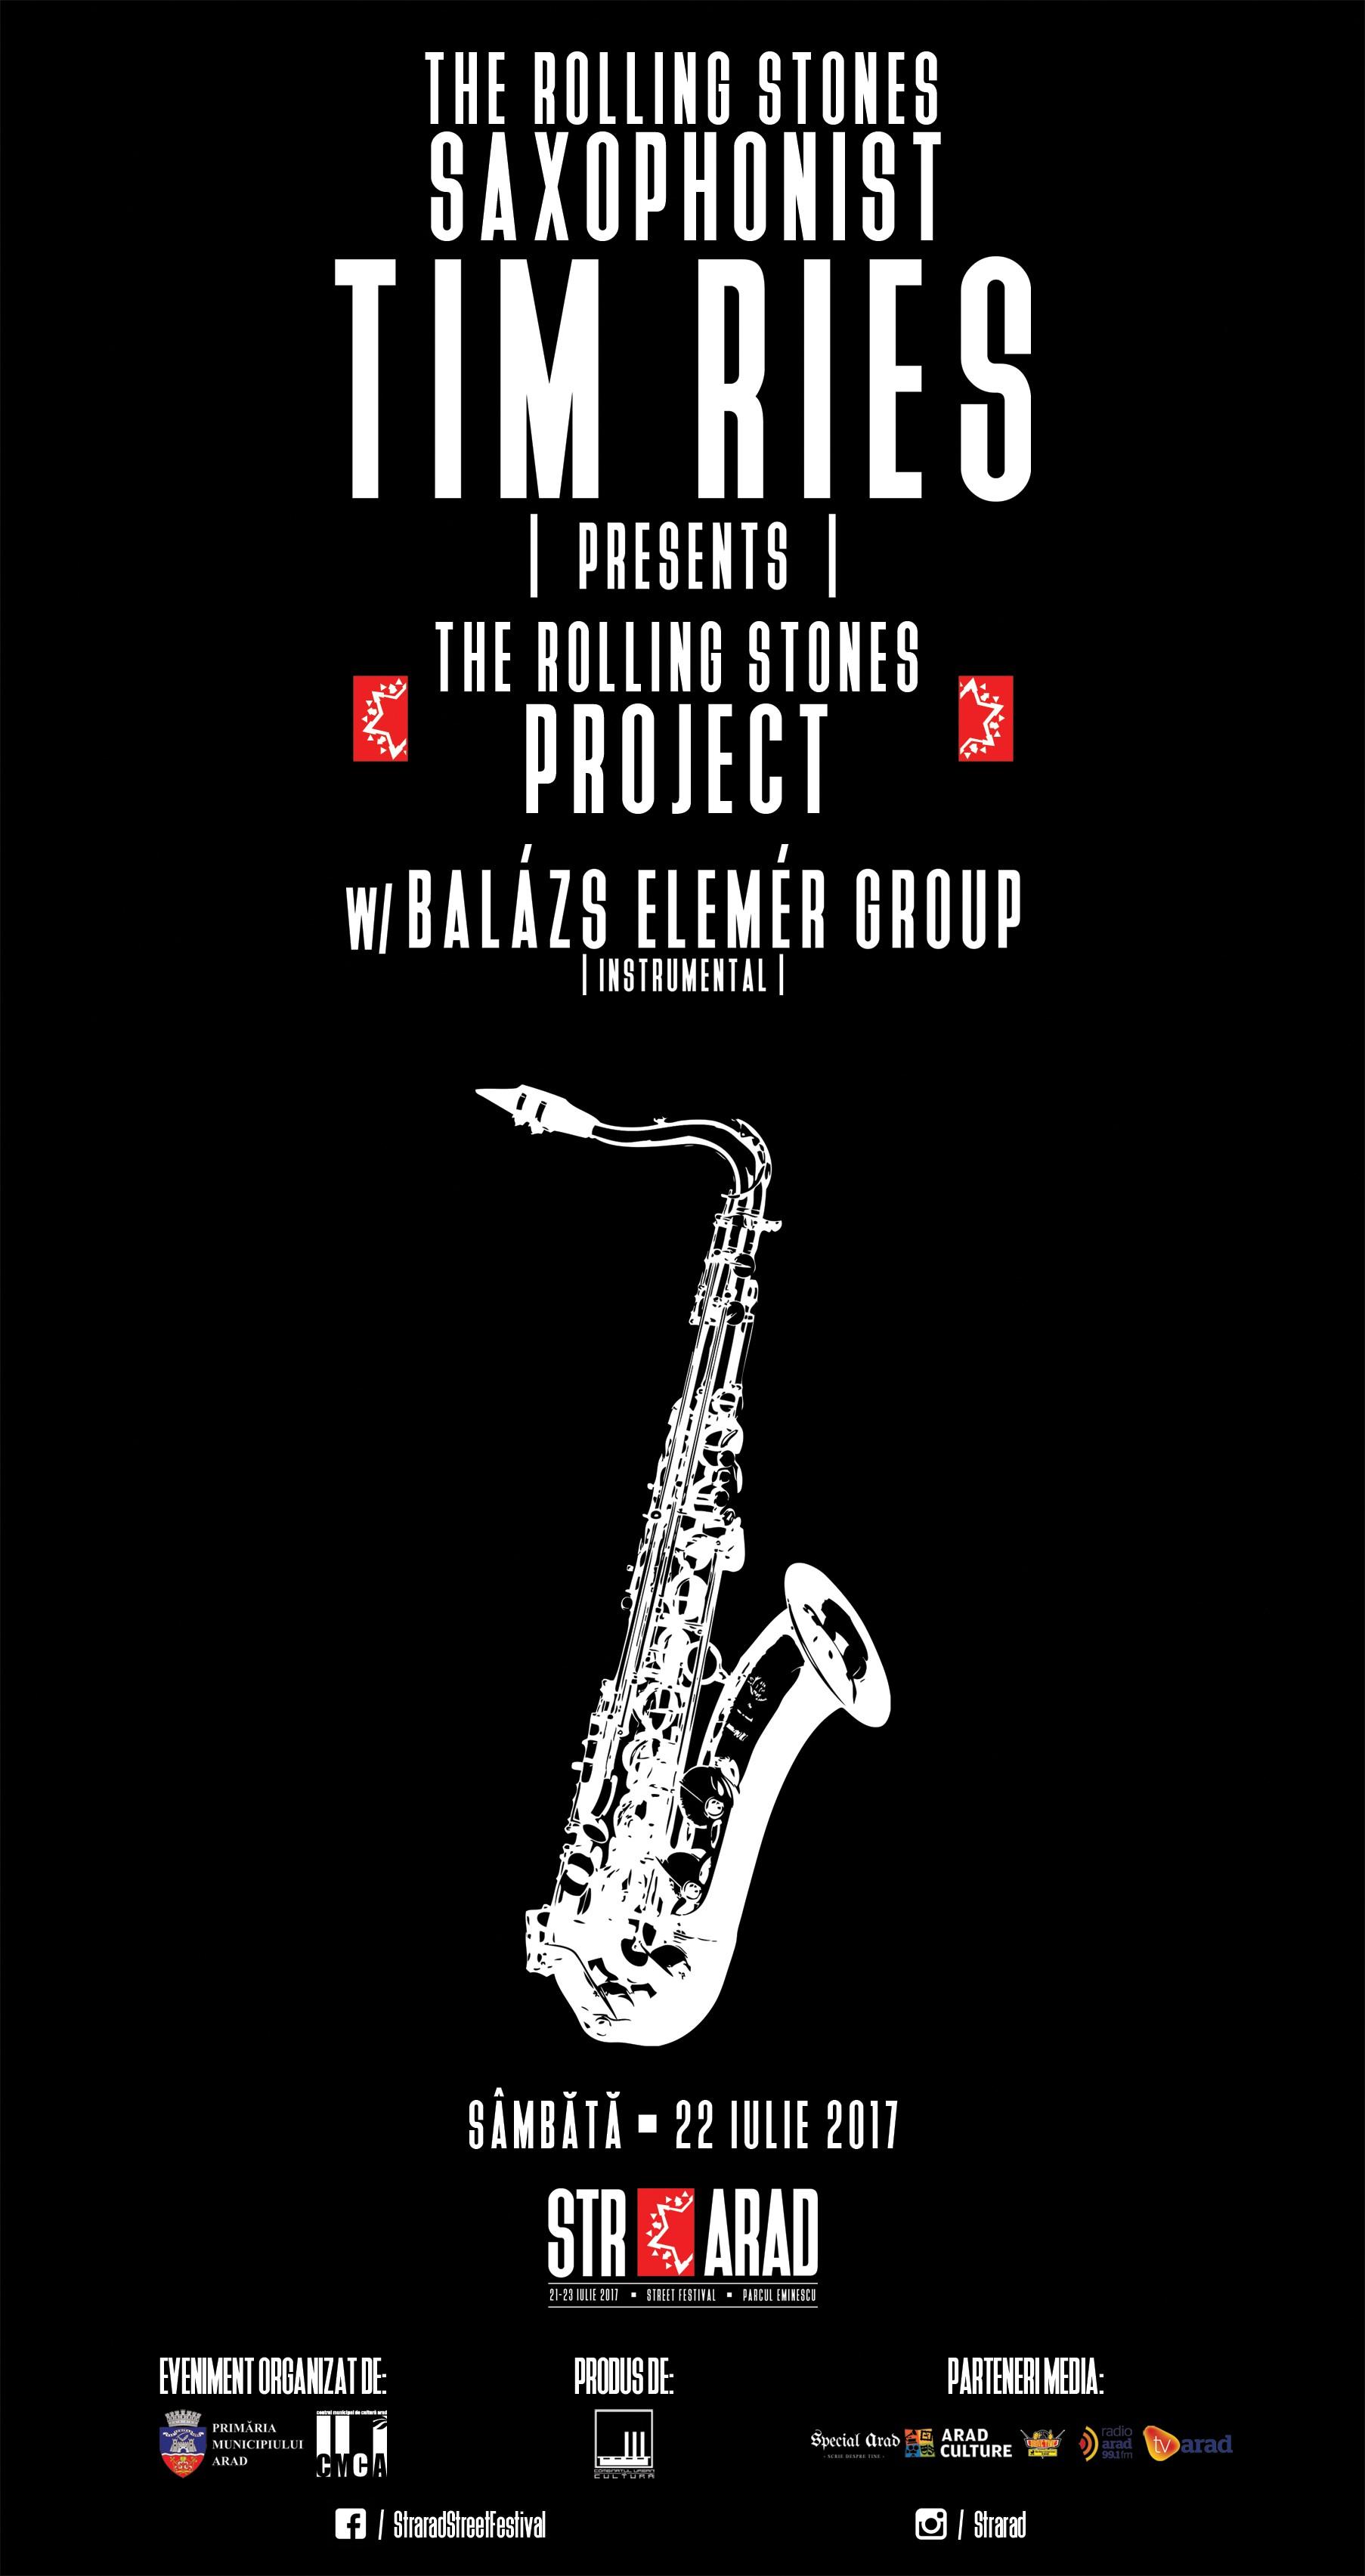 THE ROLLING STONES PROJECT by TIMRIES w/ BALAZS ELEMER GROUP pentru prima oară în România